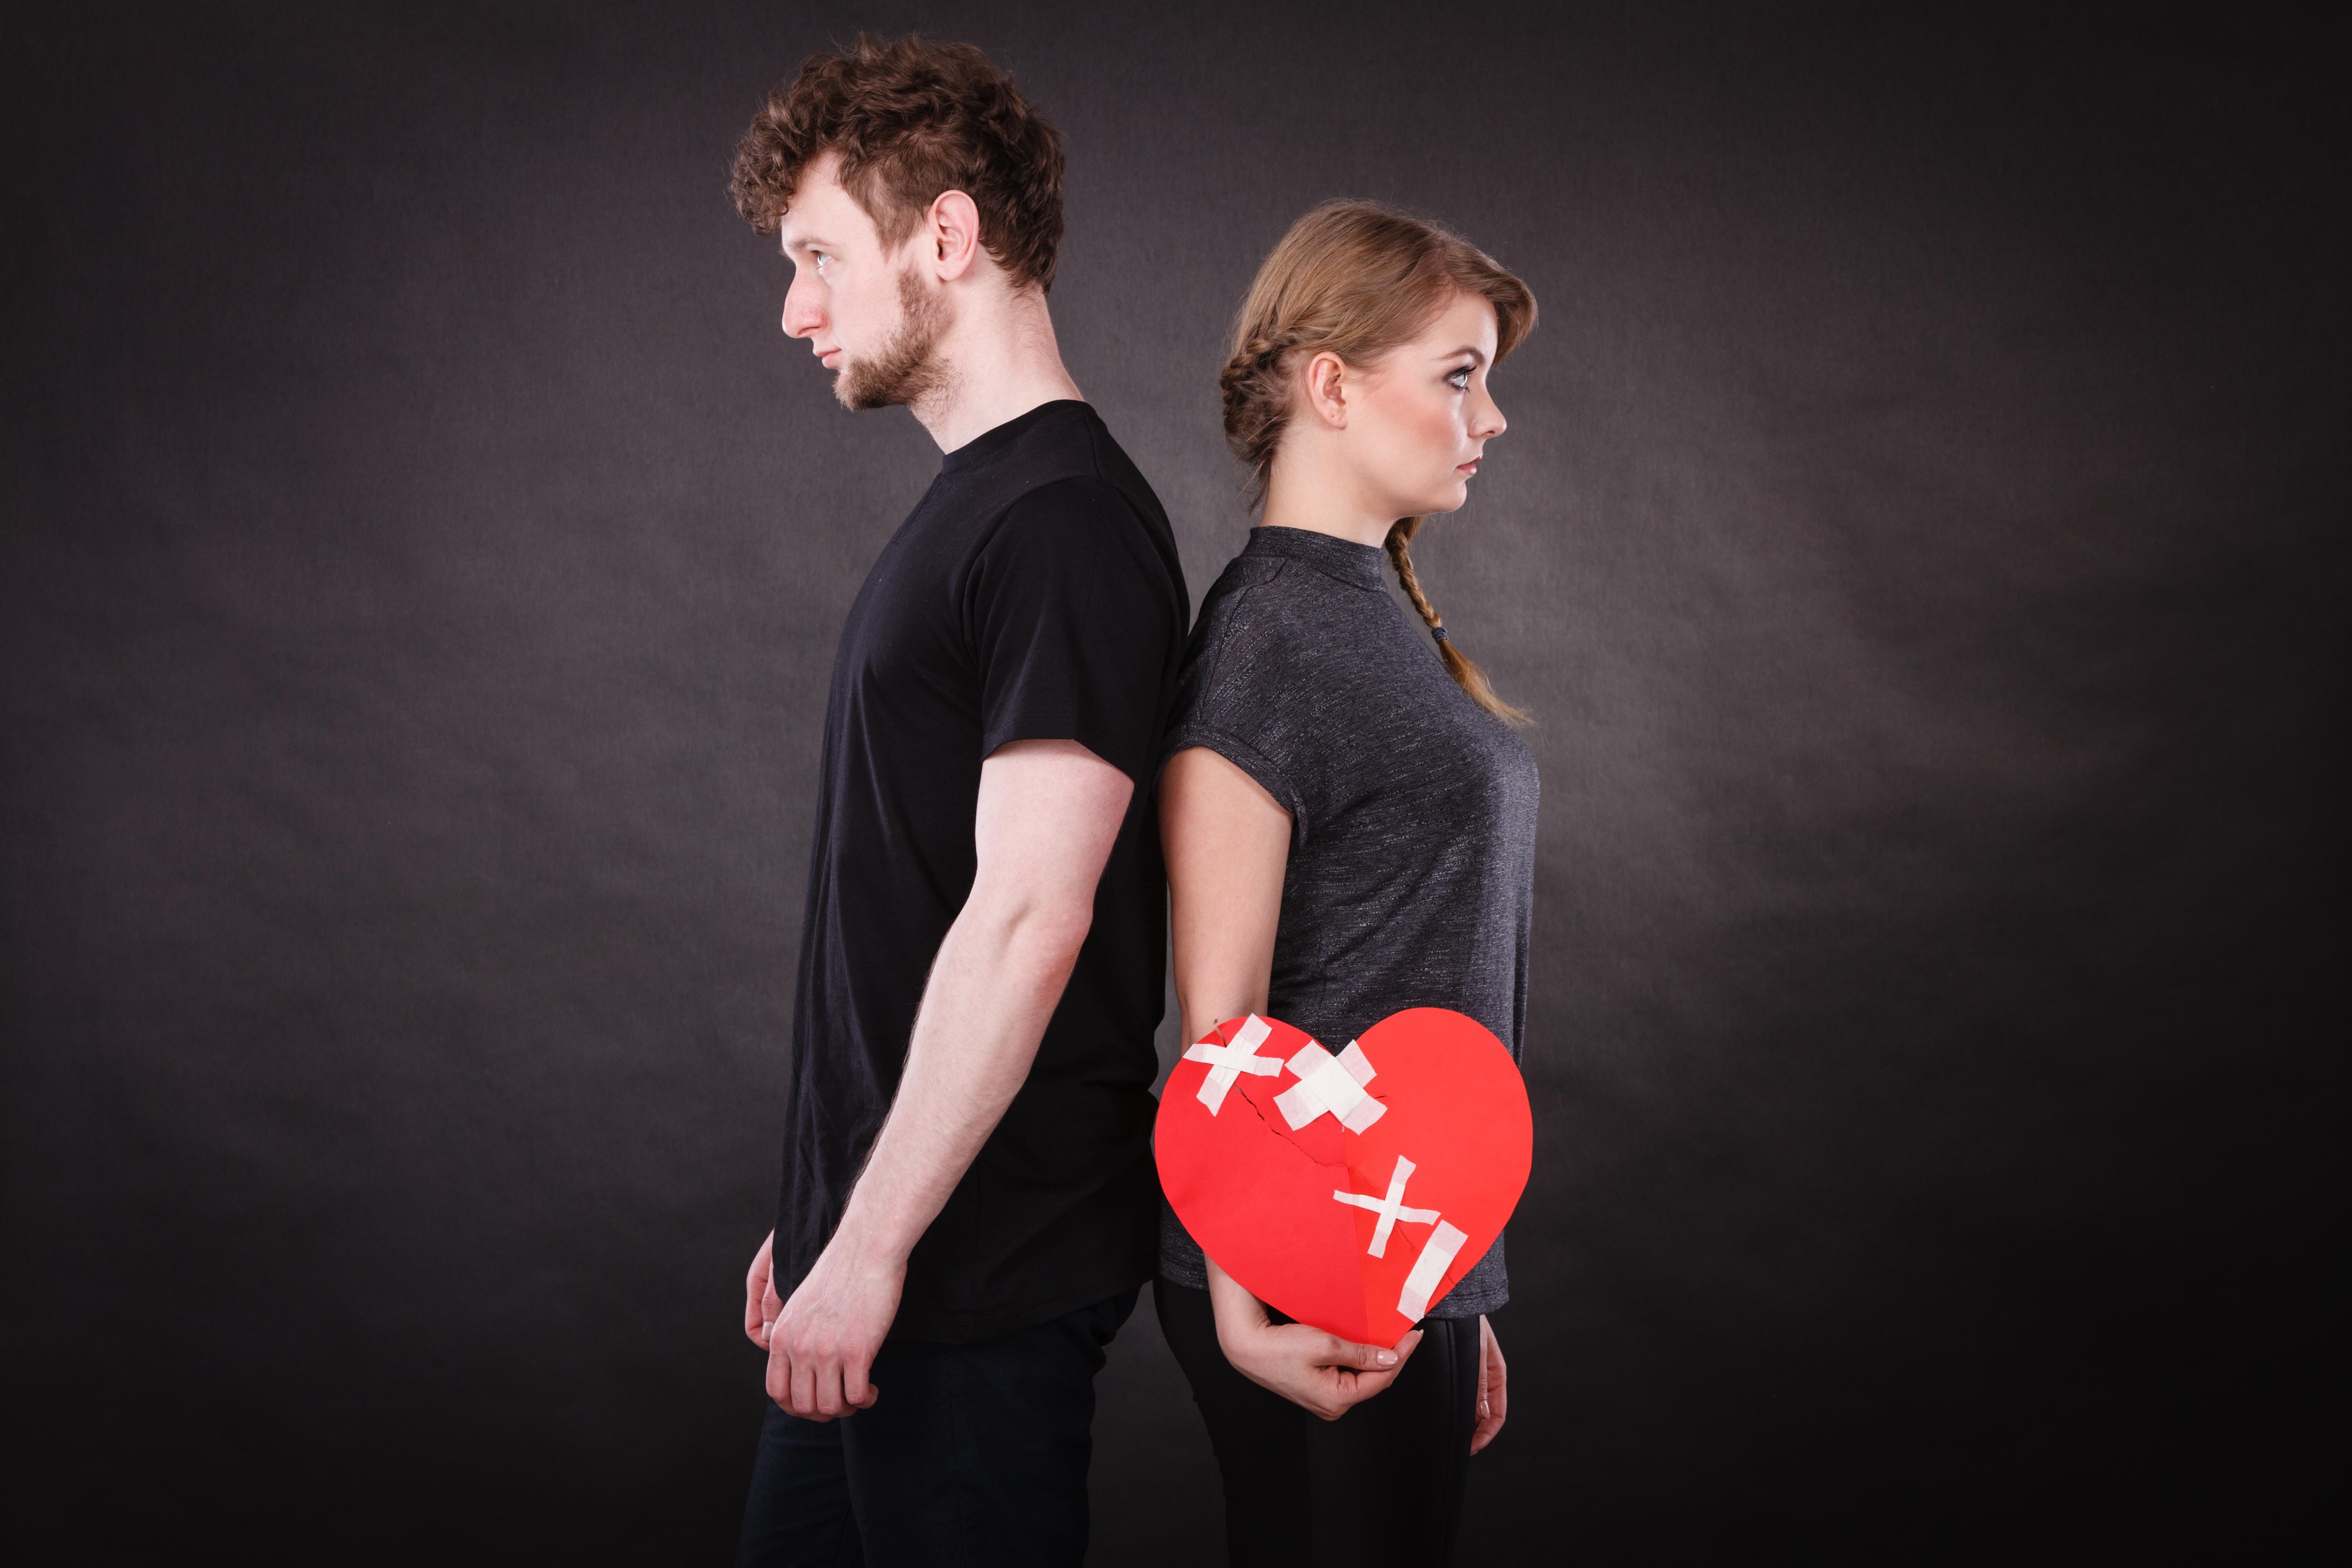 Broken Marriage, How to Fix a Broken Marriage